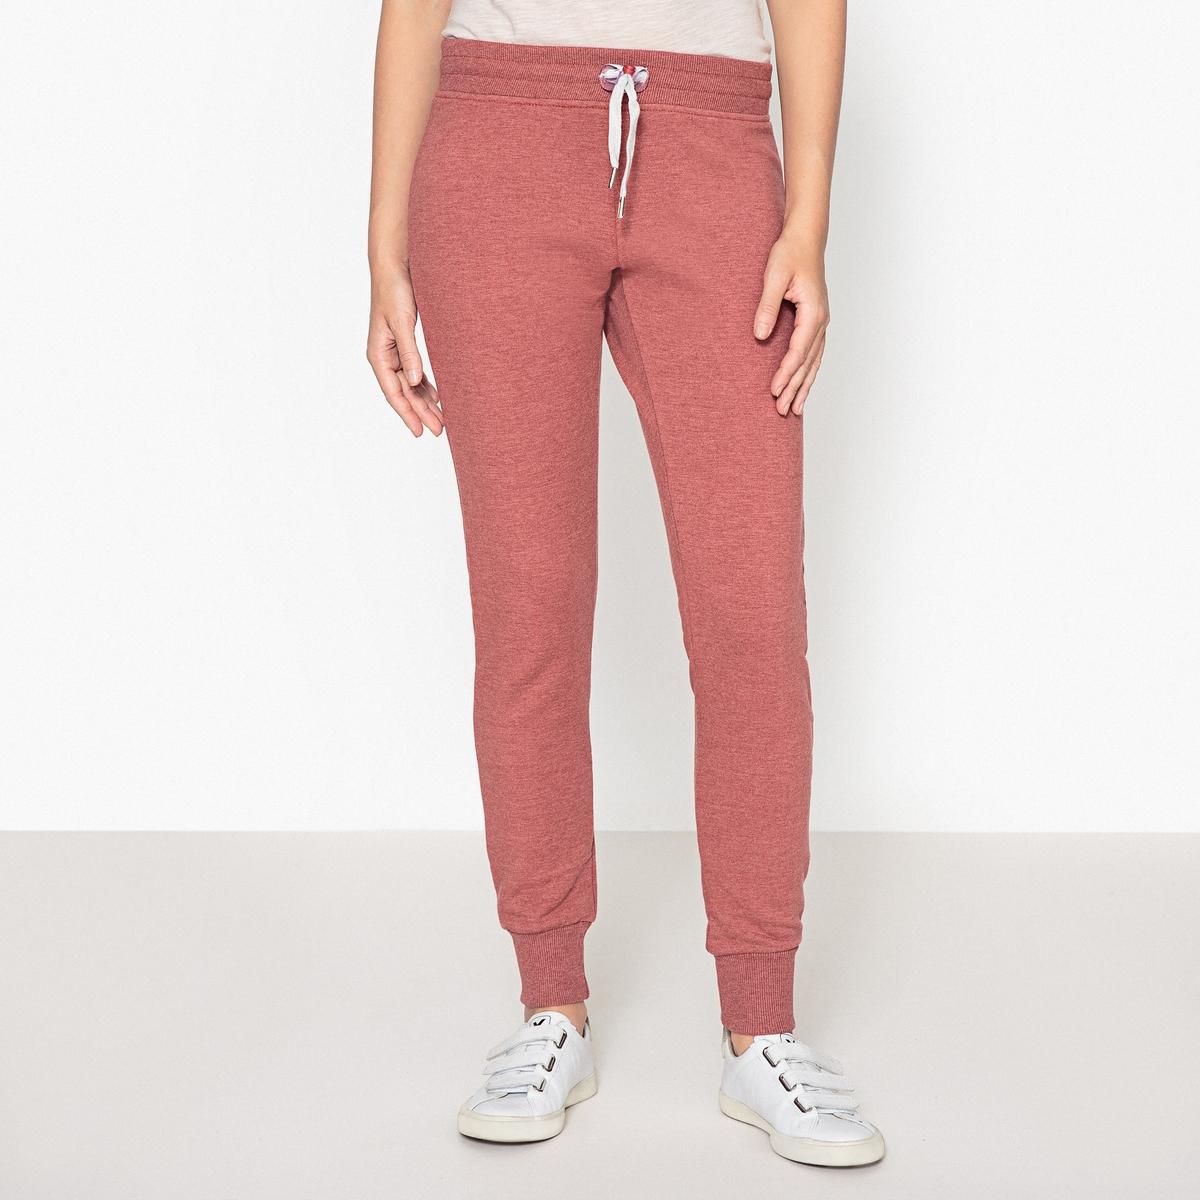 Брюки HIGH брюки женские pants meeting из полупрозрачного хлопка